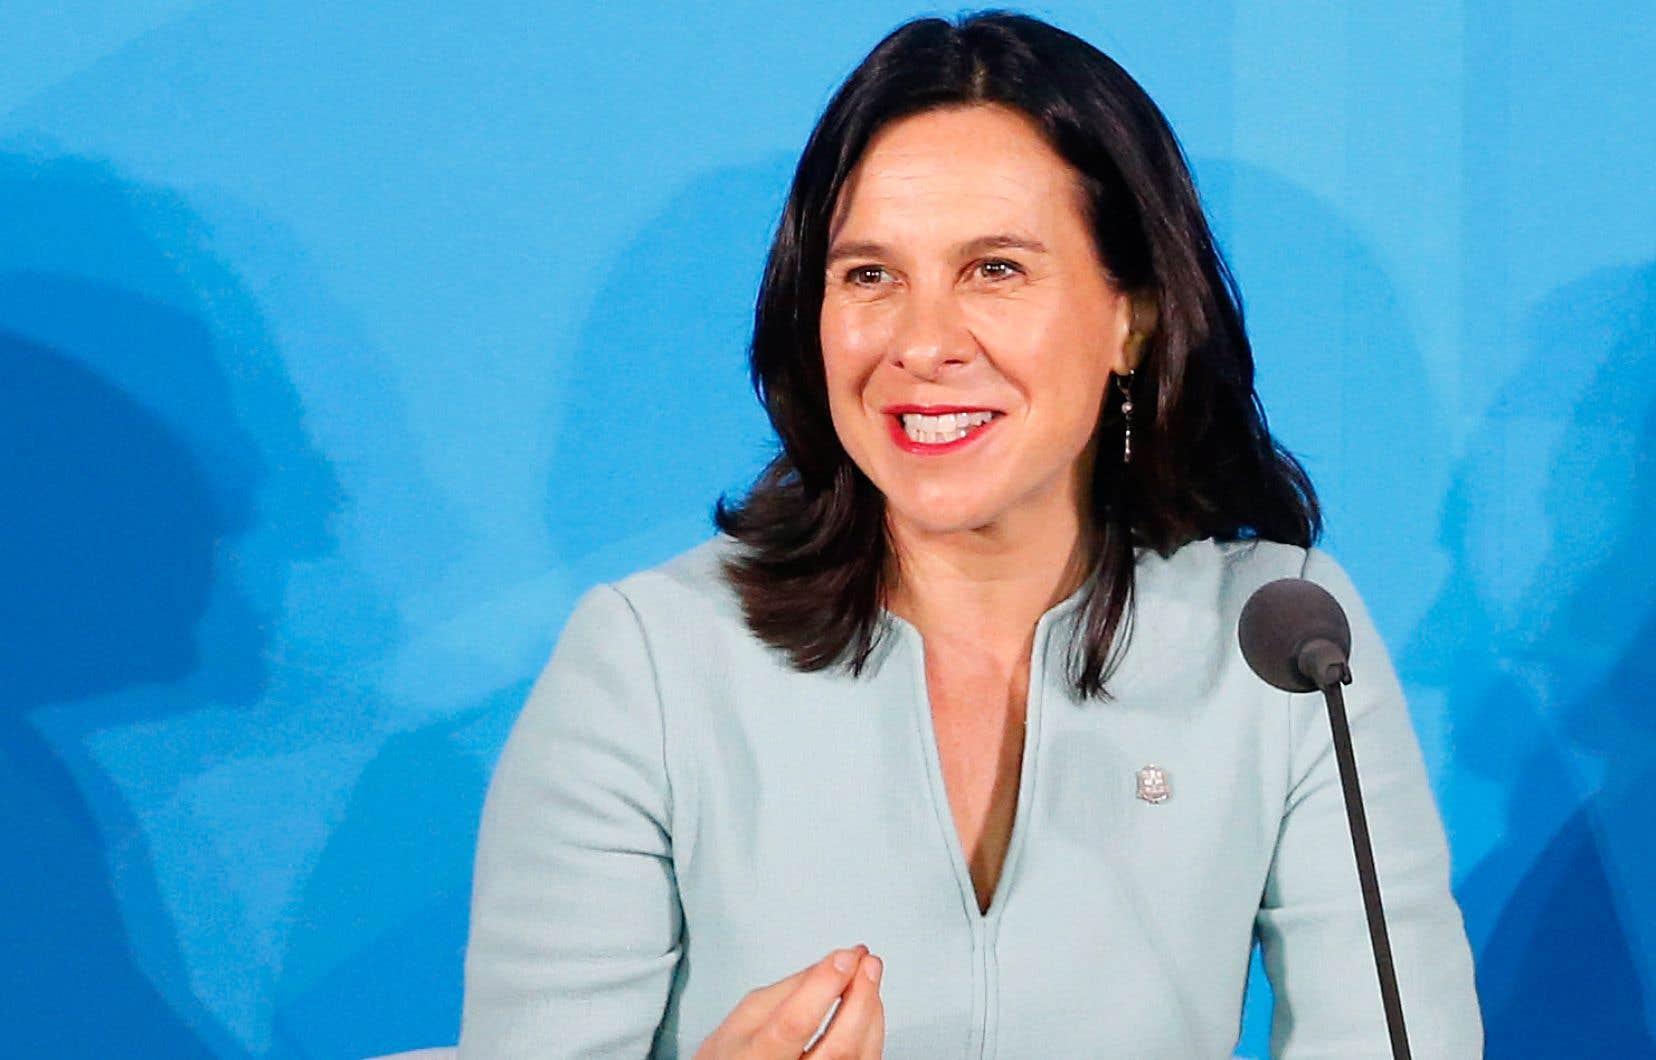 Lors de sa courte allocution lors du Sommet Action Climat, Valérie Plante a affirmé que les villes ont un rôle important à jouer dans la lutte aux changements climatiques.